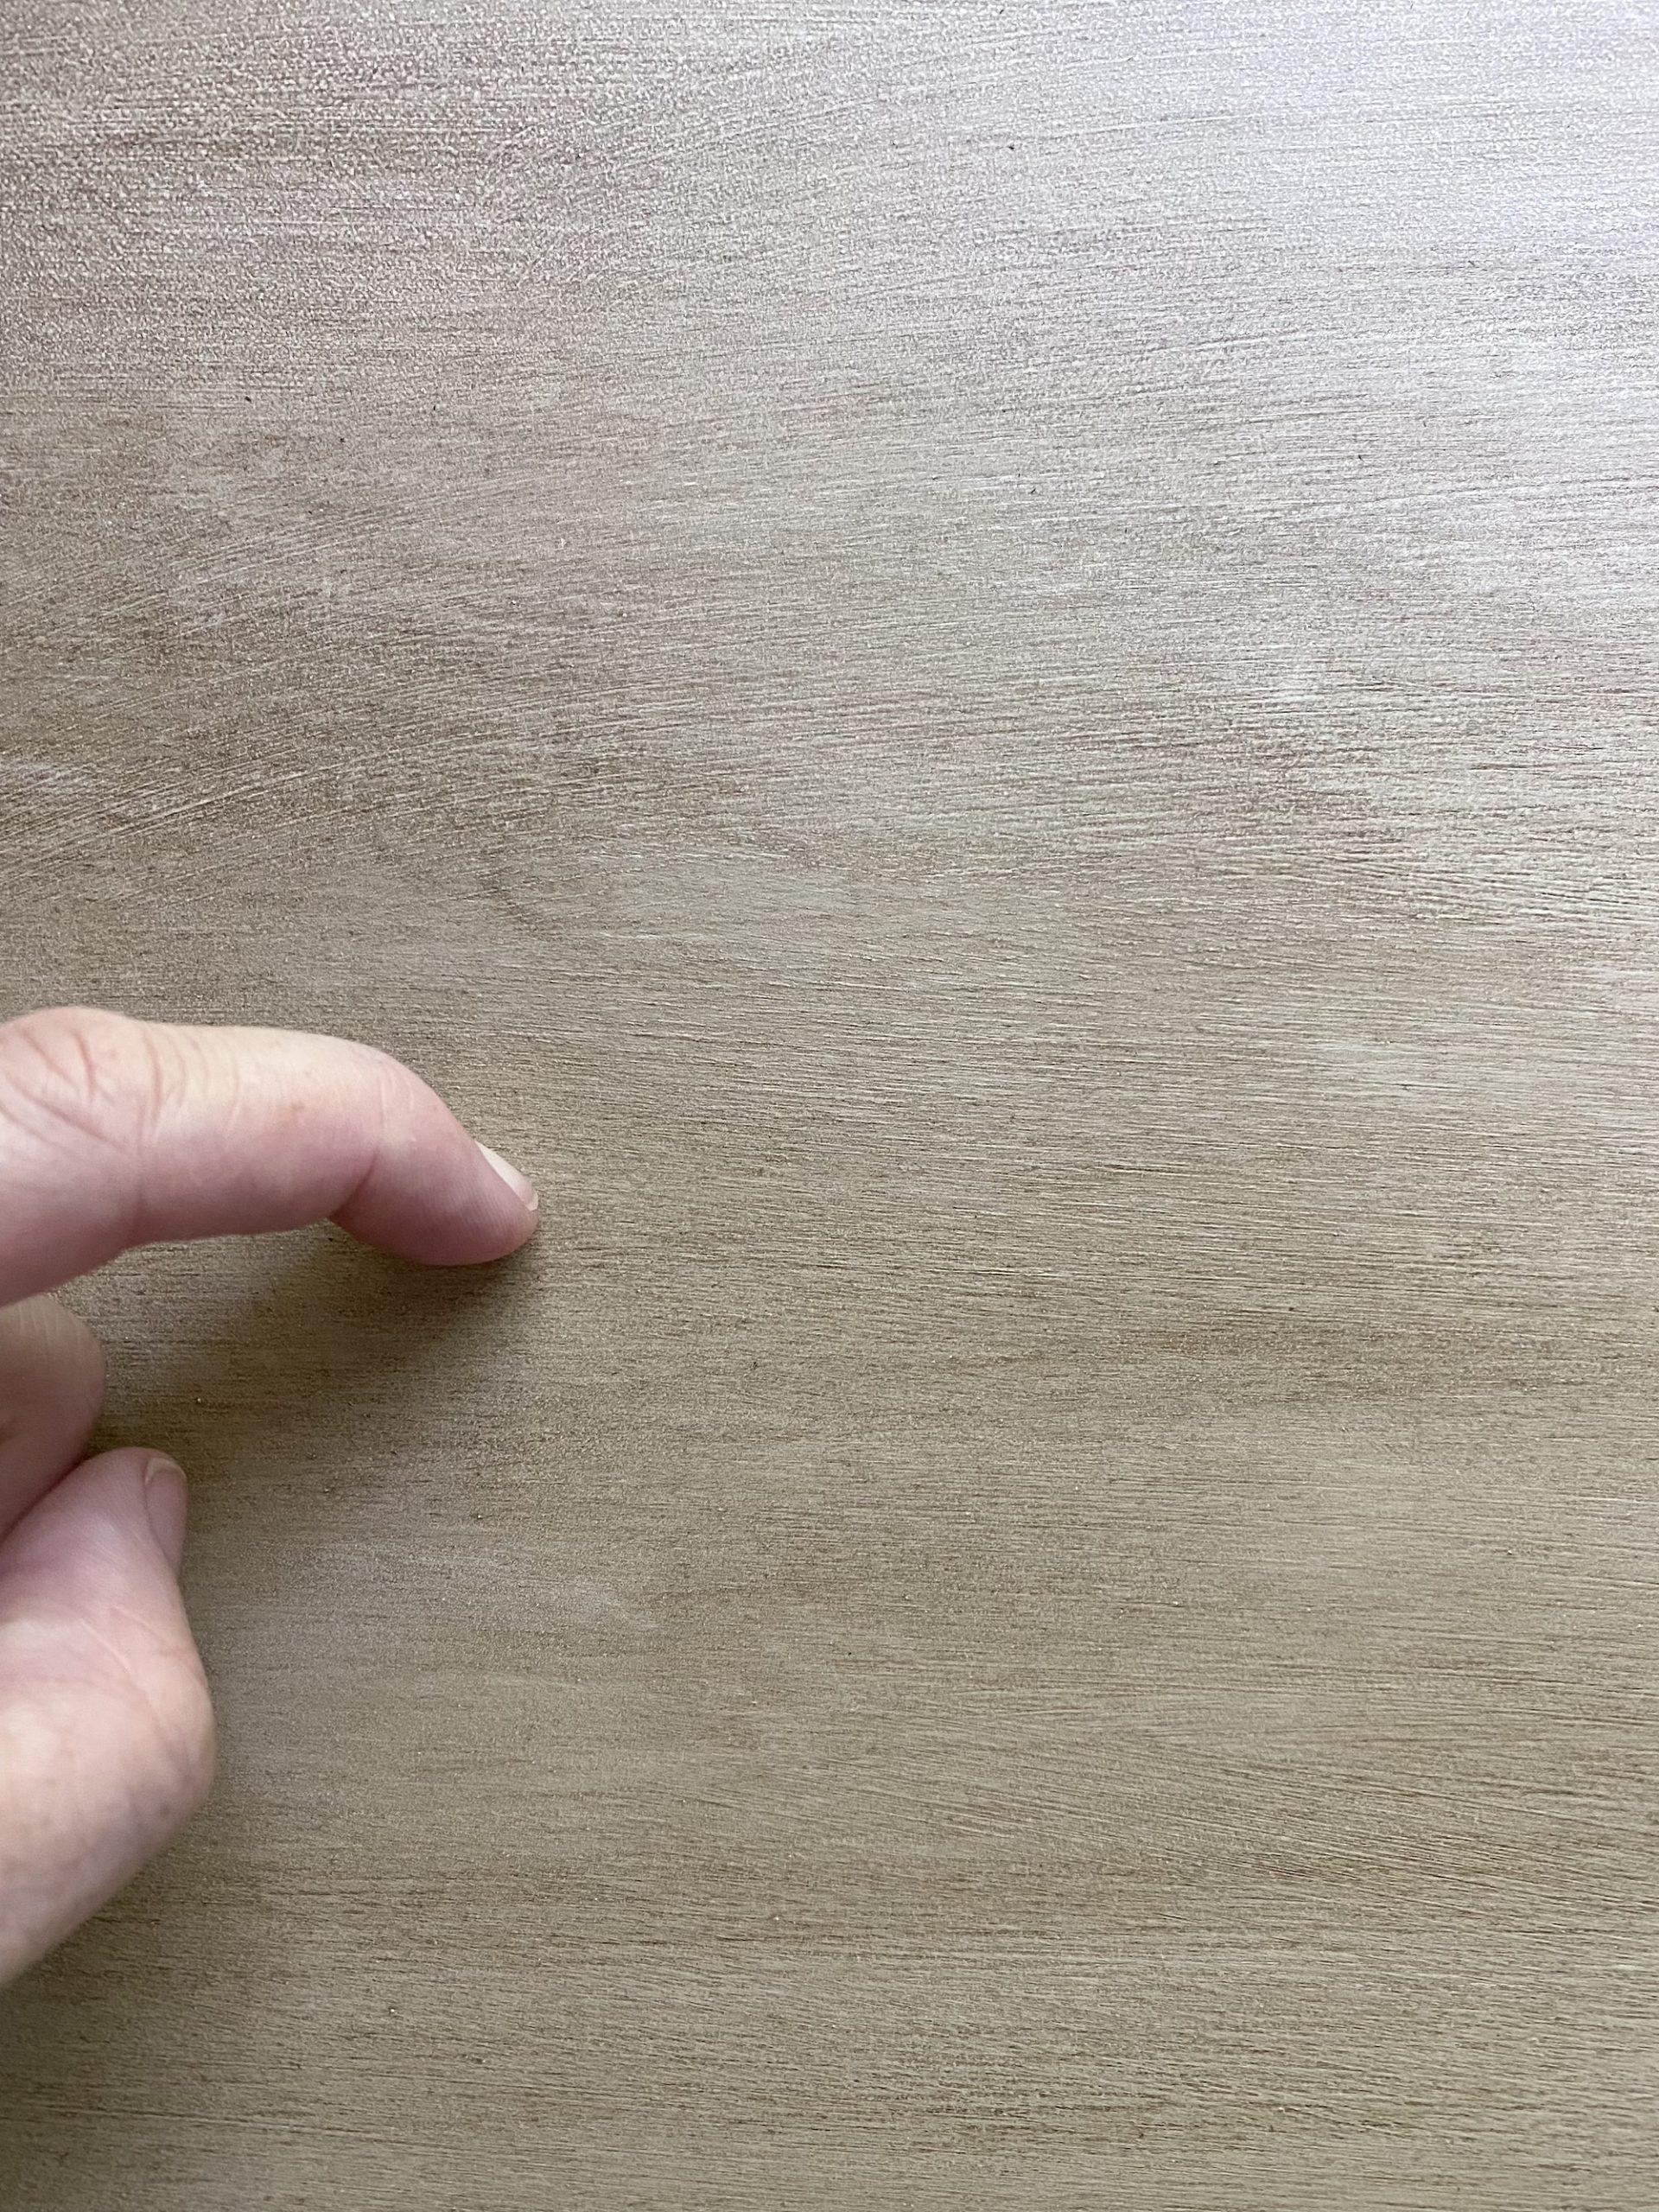 faux wood painting technique - scratch test